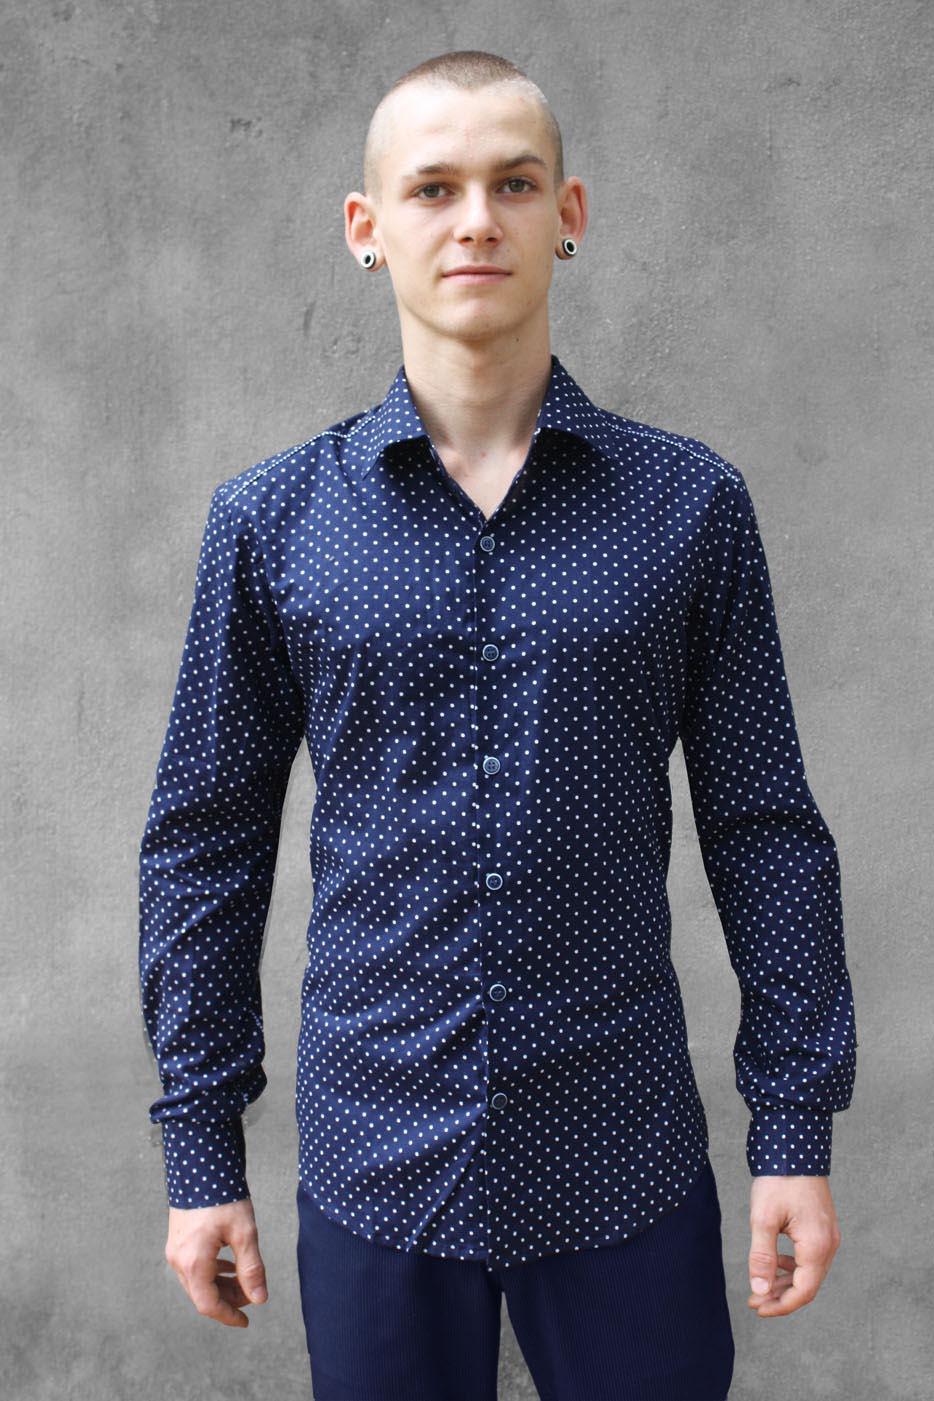 blaues hemd mit weißen punkten